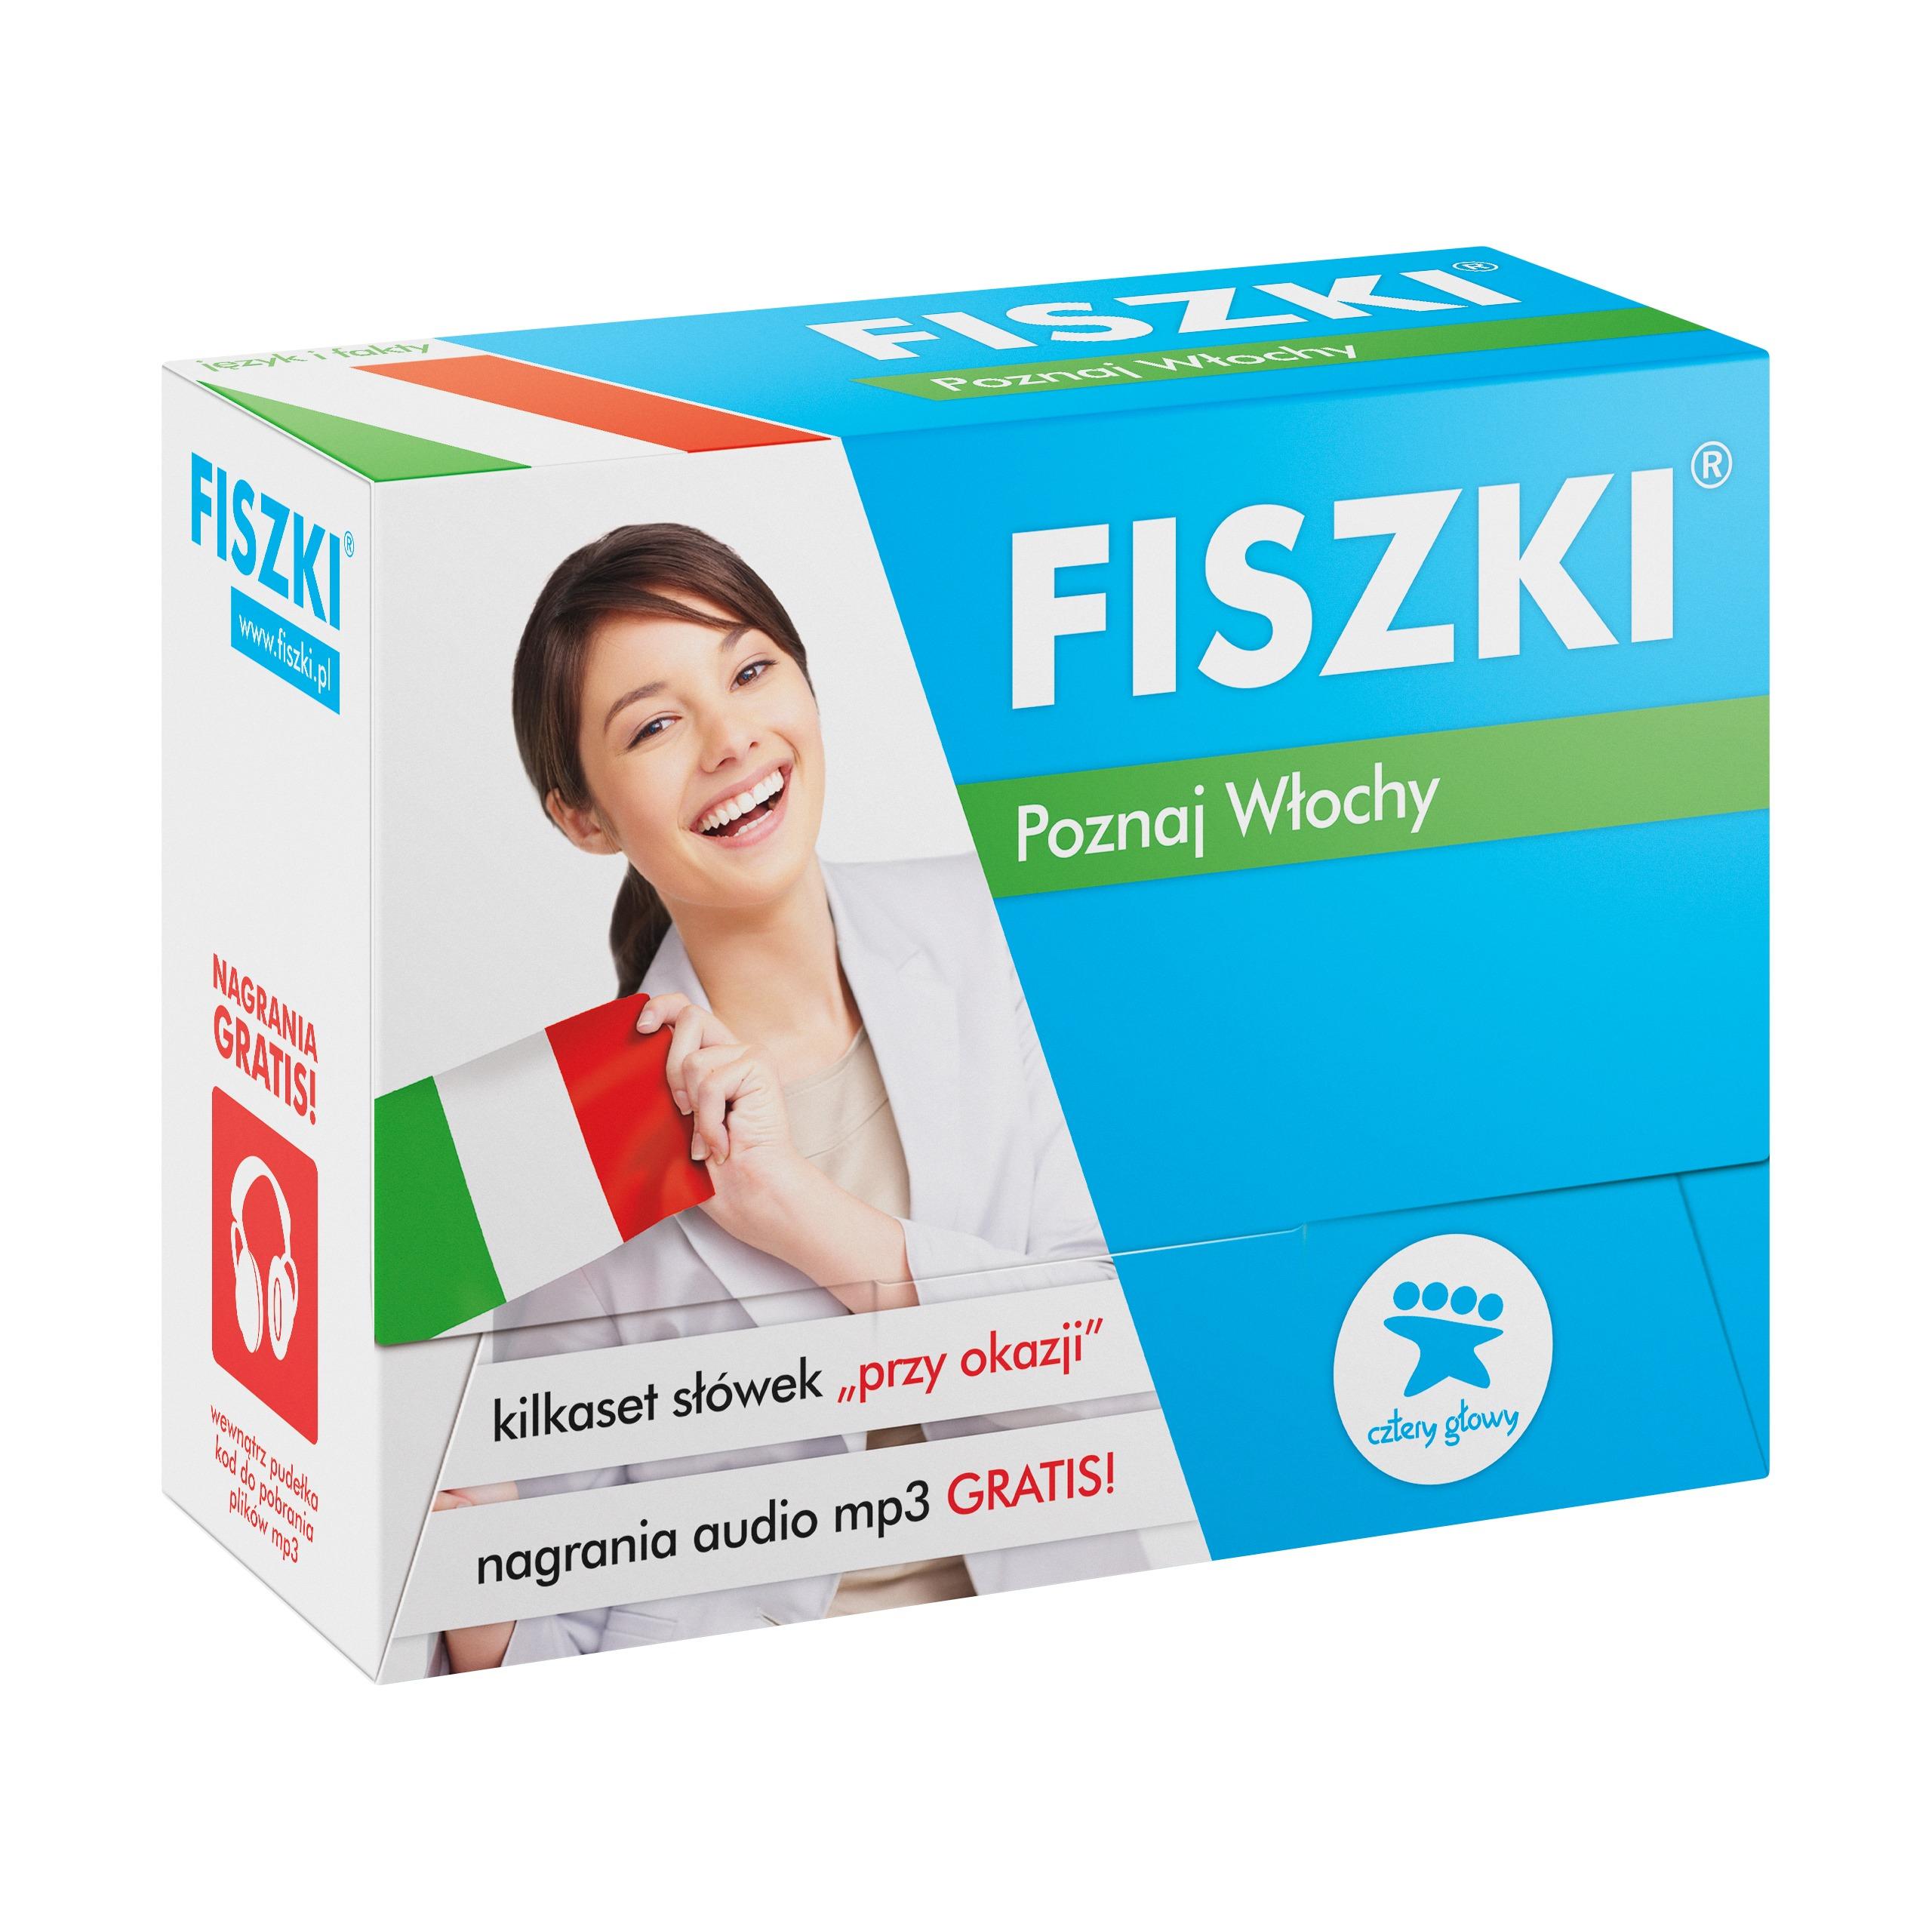 FISZKI - włoski - Poznaj Włochy